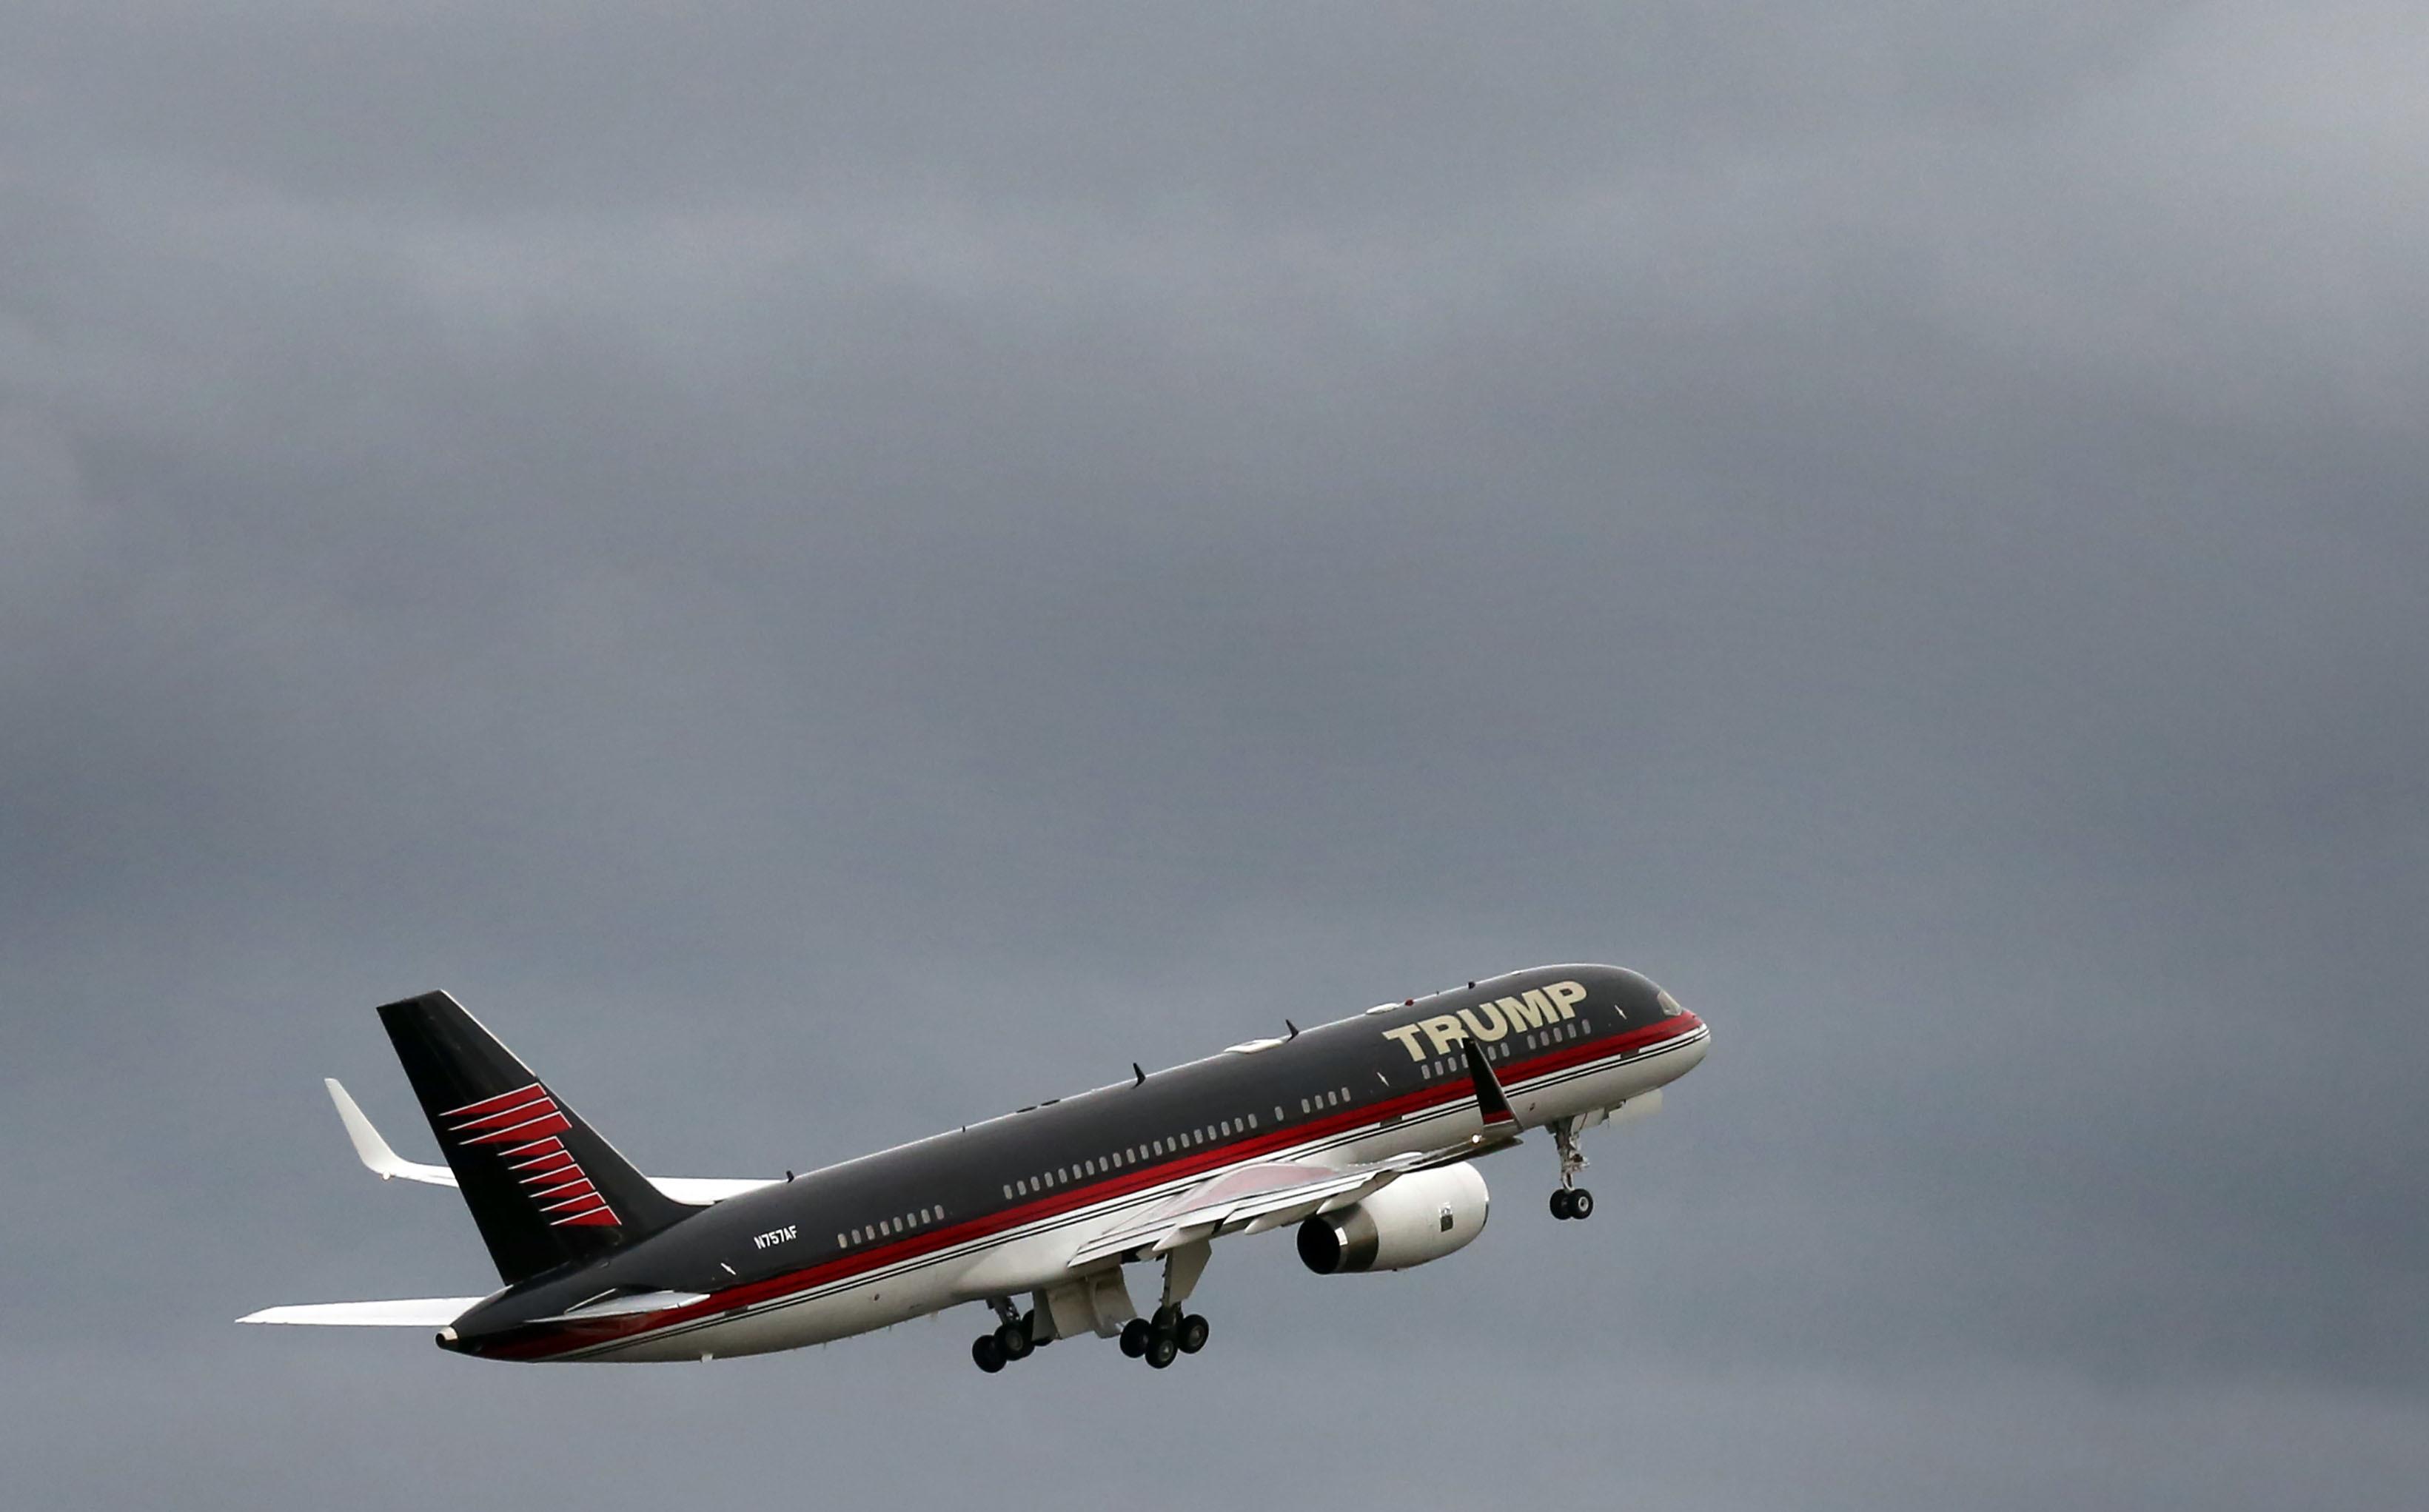 Trumpile kuuluv Boeing 757